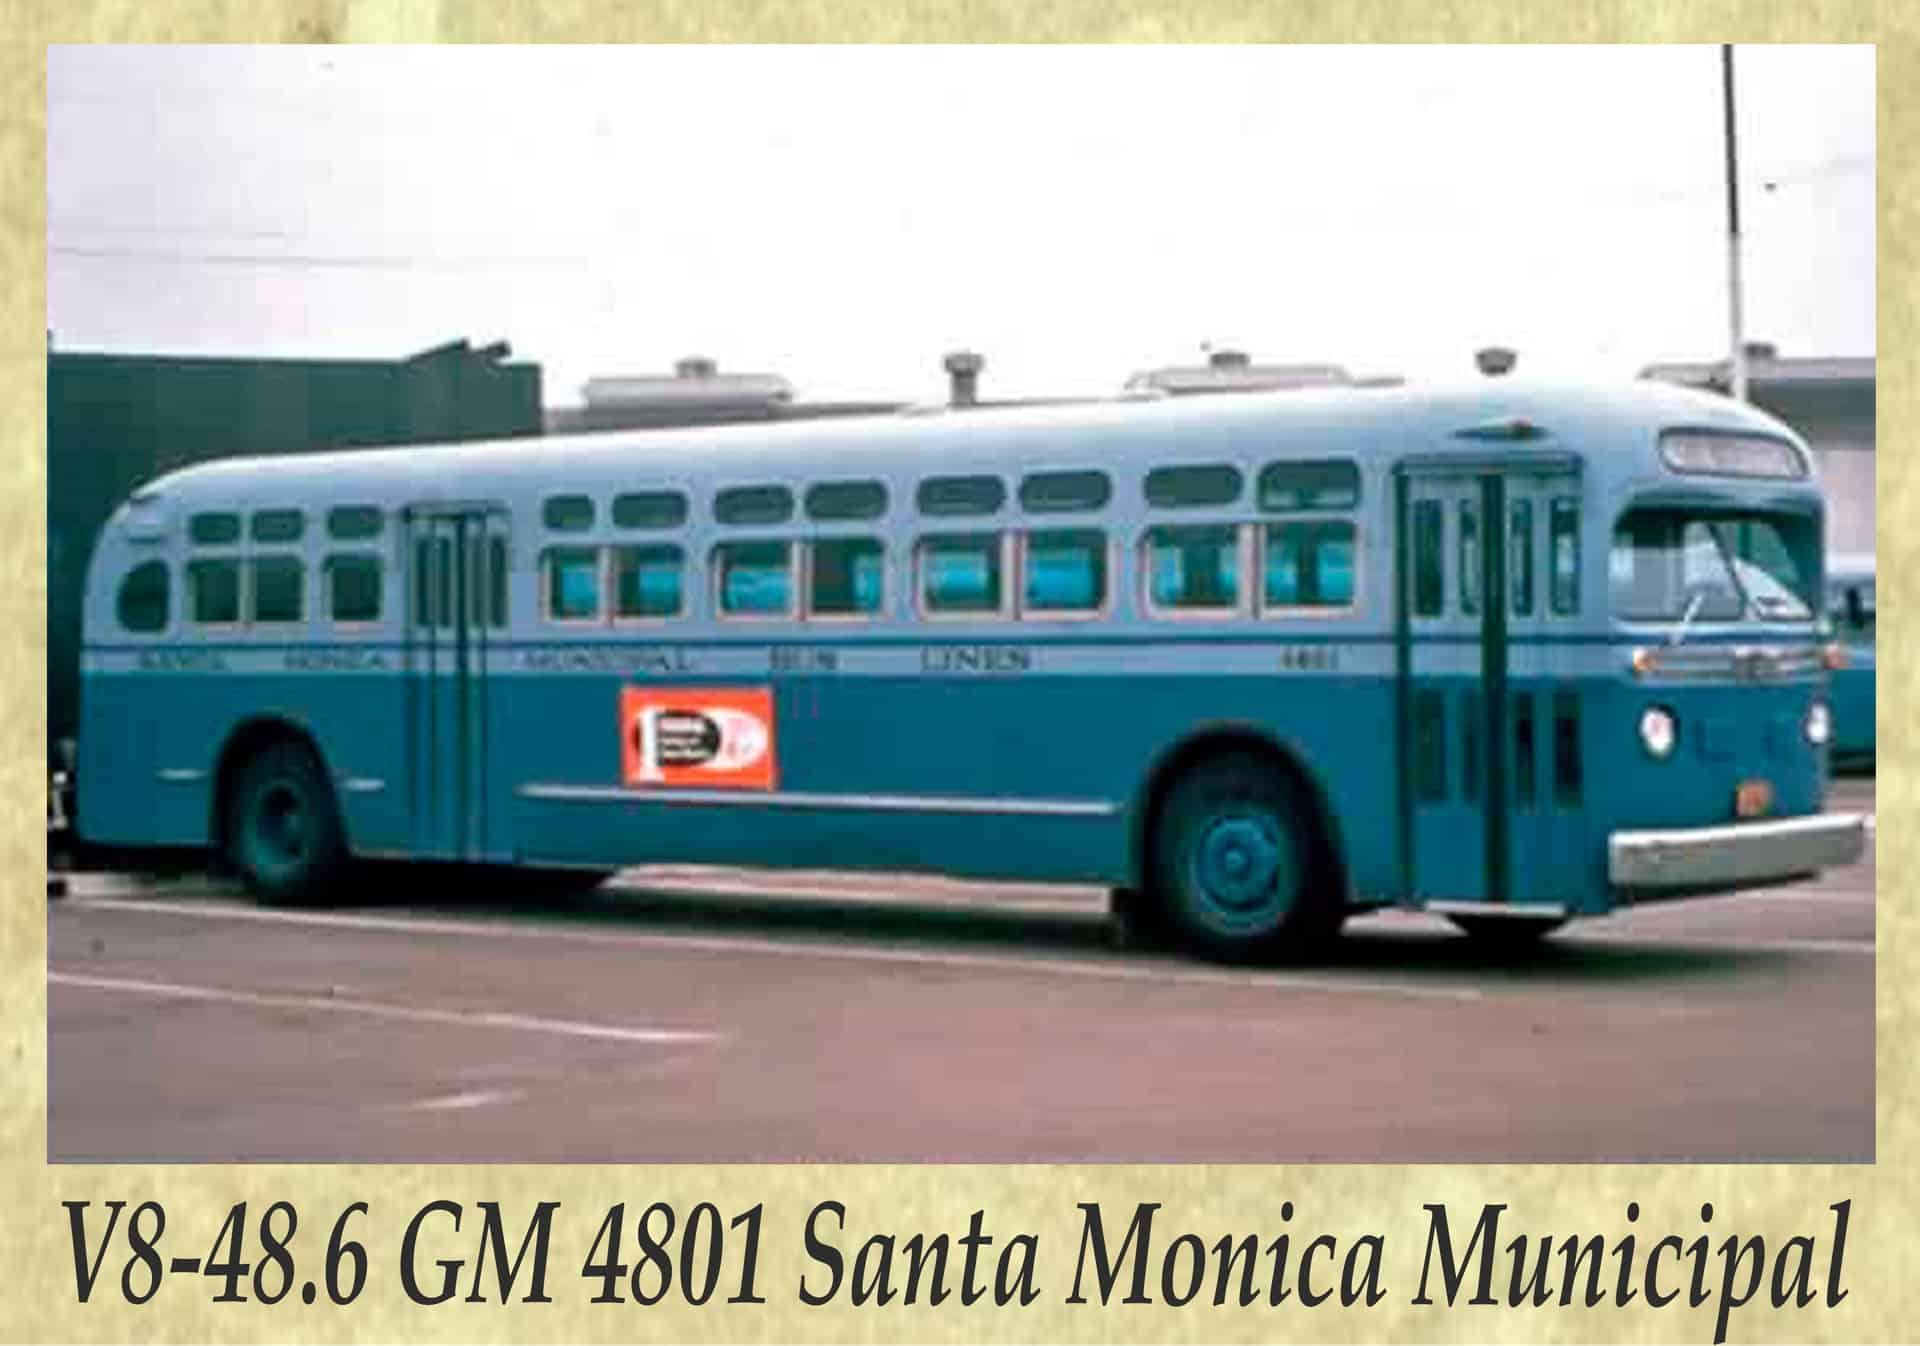 V8-48.6 GM 4801 Santa Monica Municipal